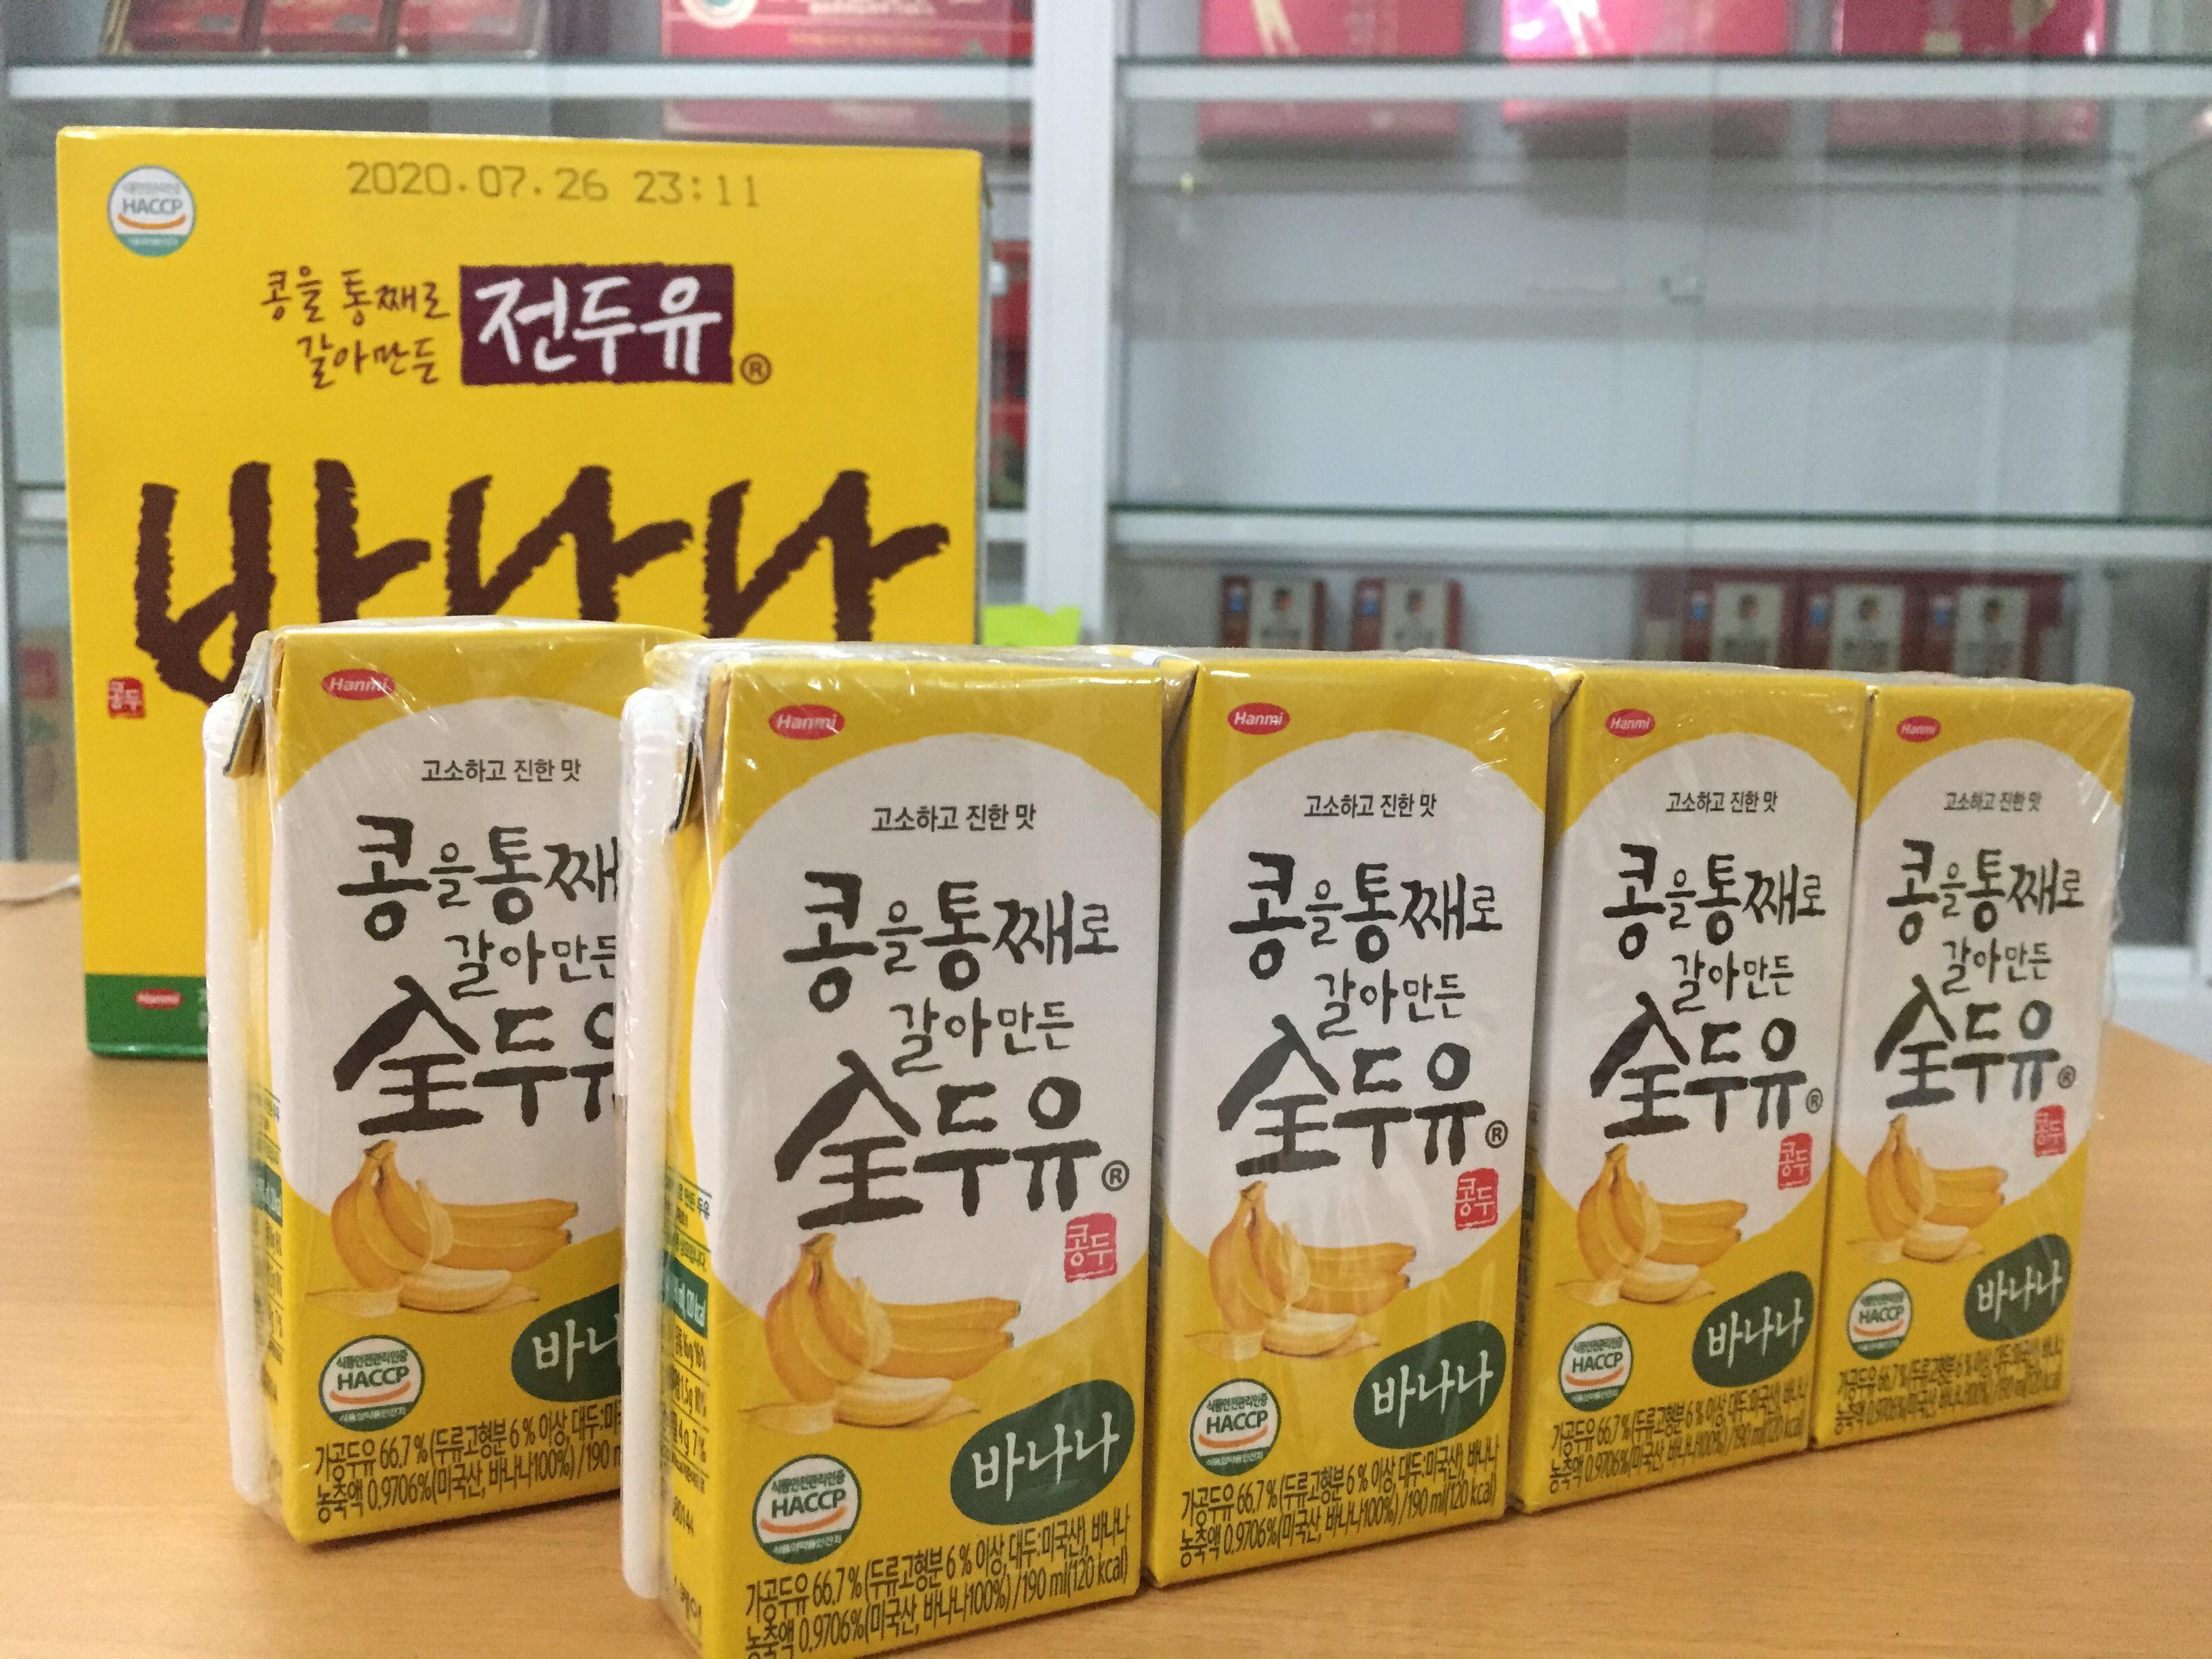 [Hanmi] - Sữa Hạt Hàn Quốc vị chuối 190 ml (8 hộp) - Sữa hạt Hàn Quốc Hanmi